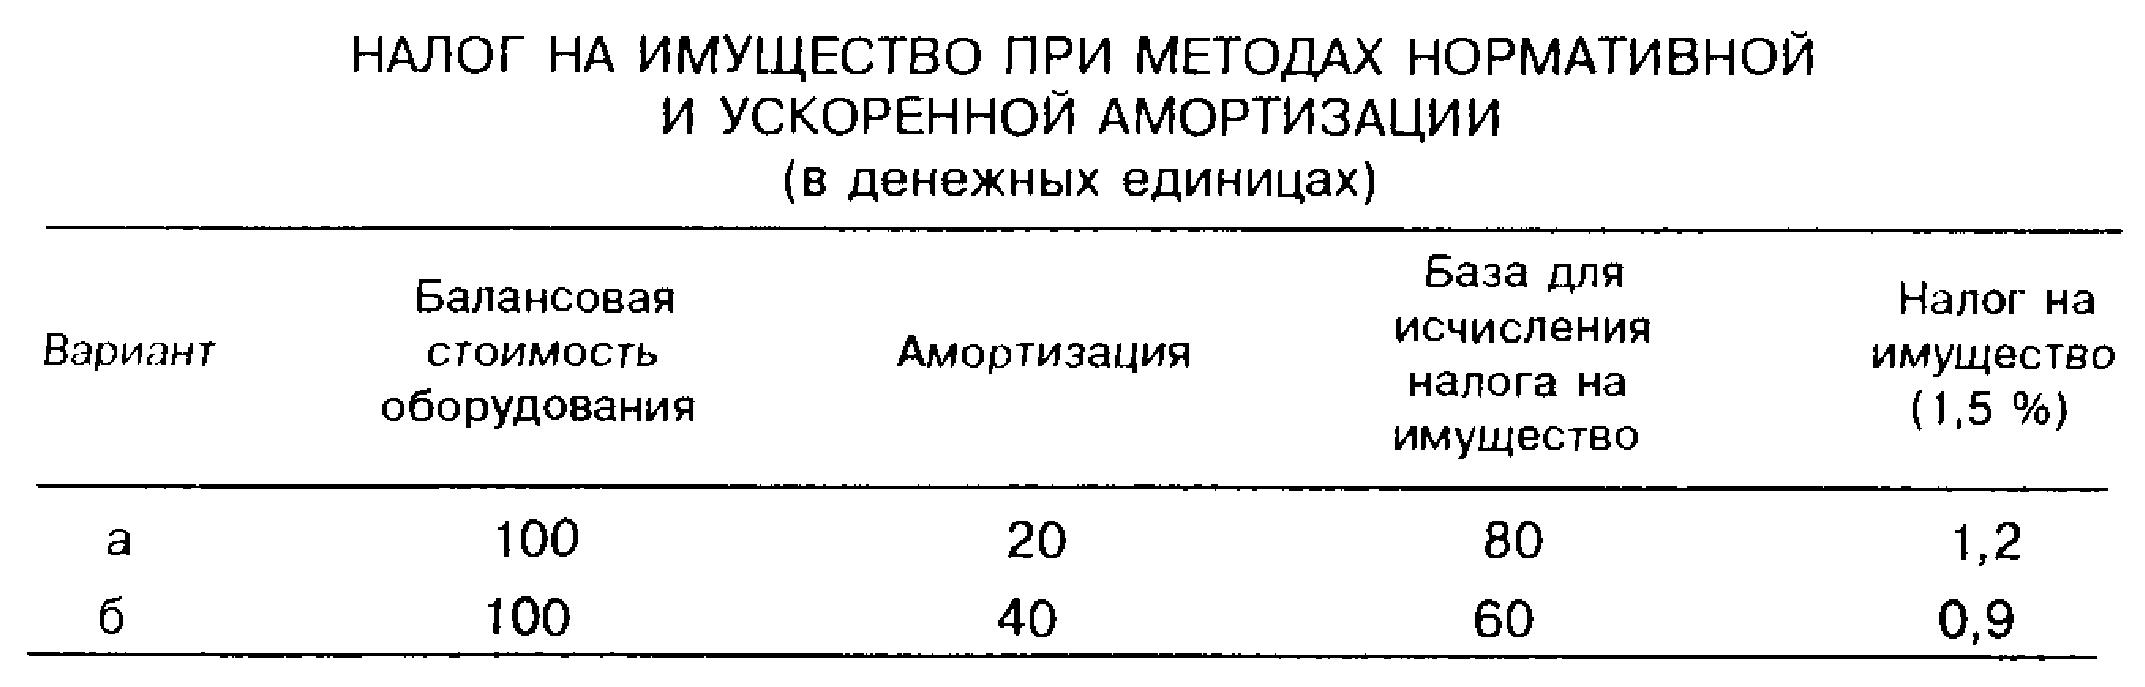 Налог на имущество при методах нормативной и ускоренной амортизации (в денежных единицах)